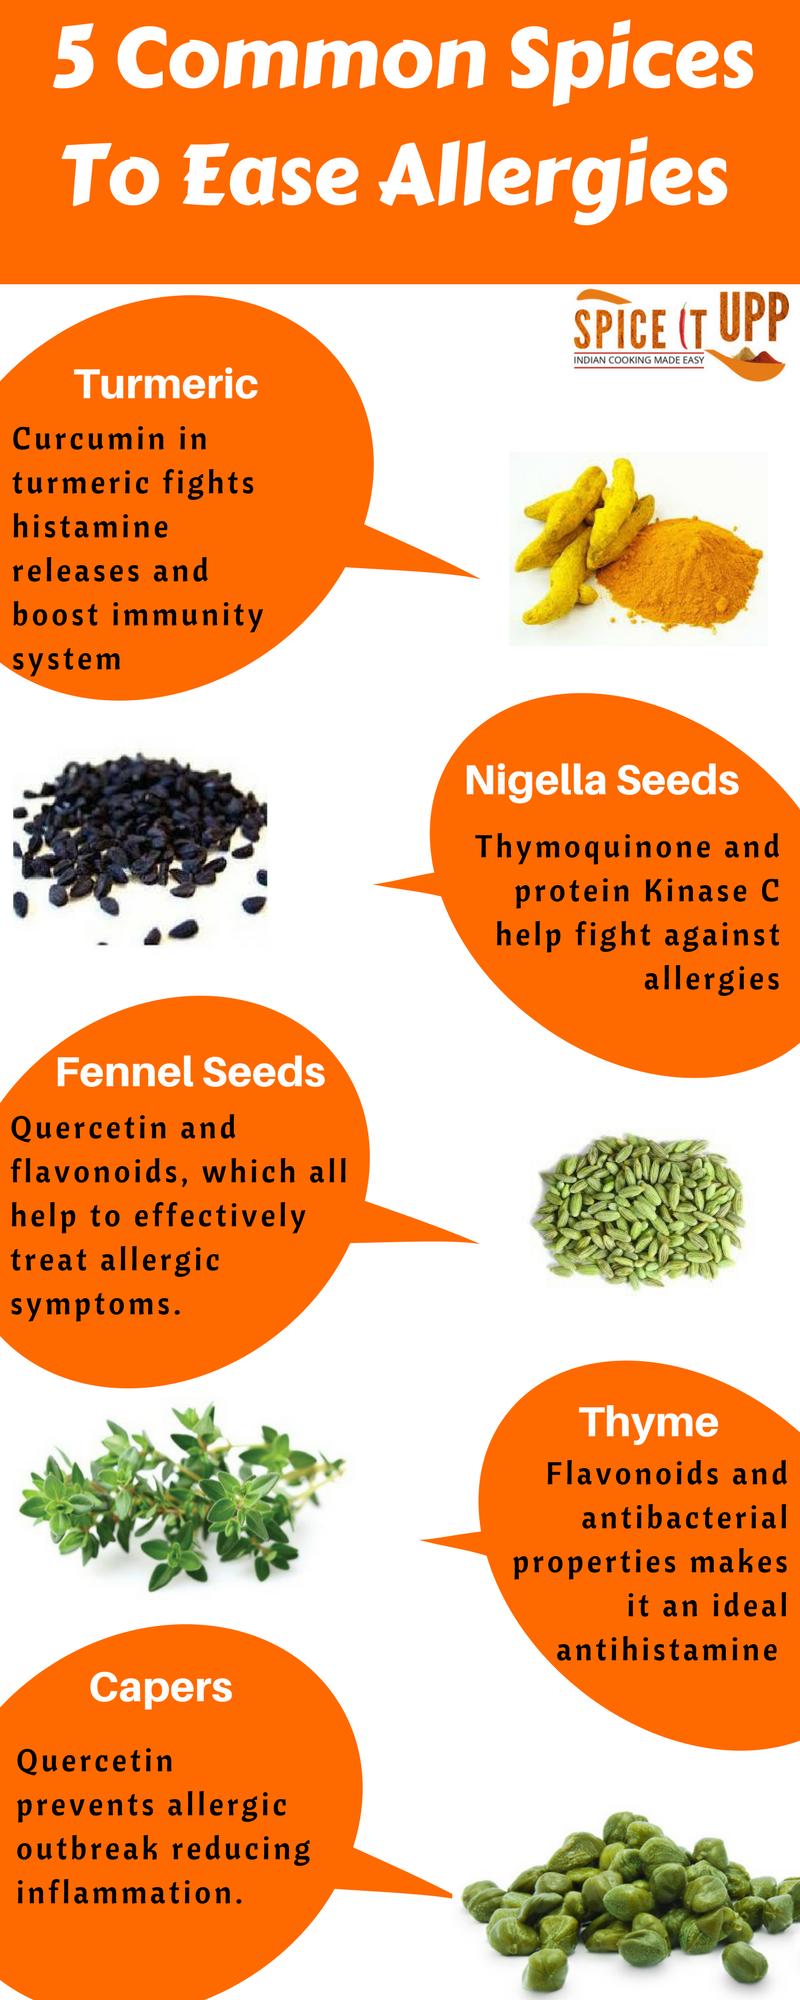 Seasonal Allergies Home Remedies Home Remedies For Allergies Natural Remedies For Allergies Seasonal Allergies